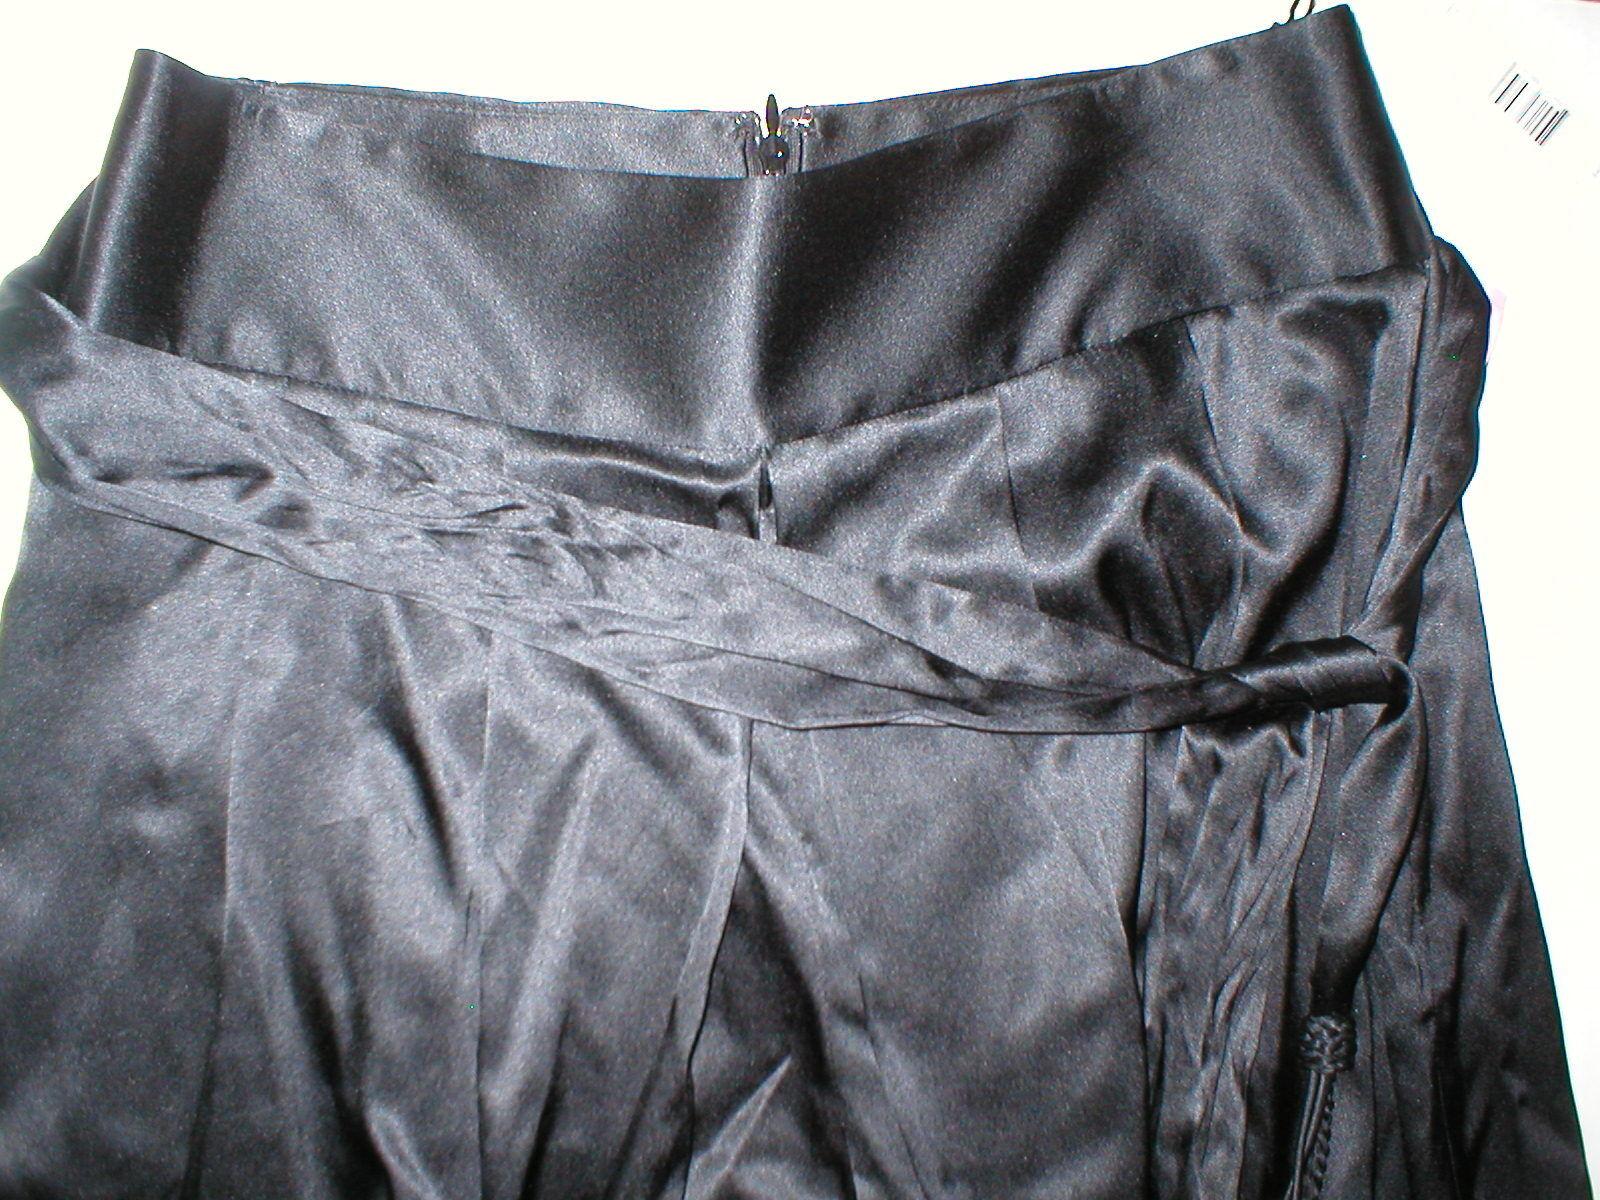 Nuevo NUEVO CON ETIQUETAS  448 Diseñador Elie Tahari Toni  pantalones de pierna ancha de seda de 8 de Alto Negro para Mujer  venta caliente